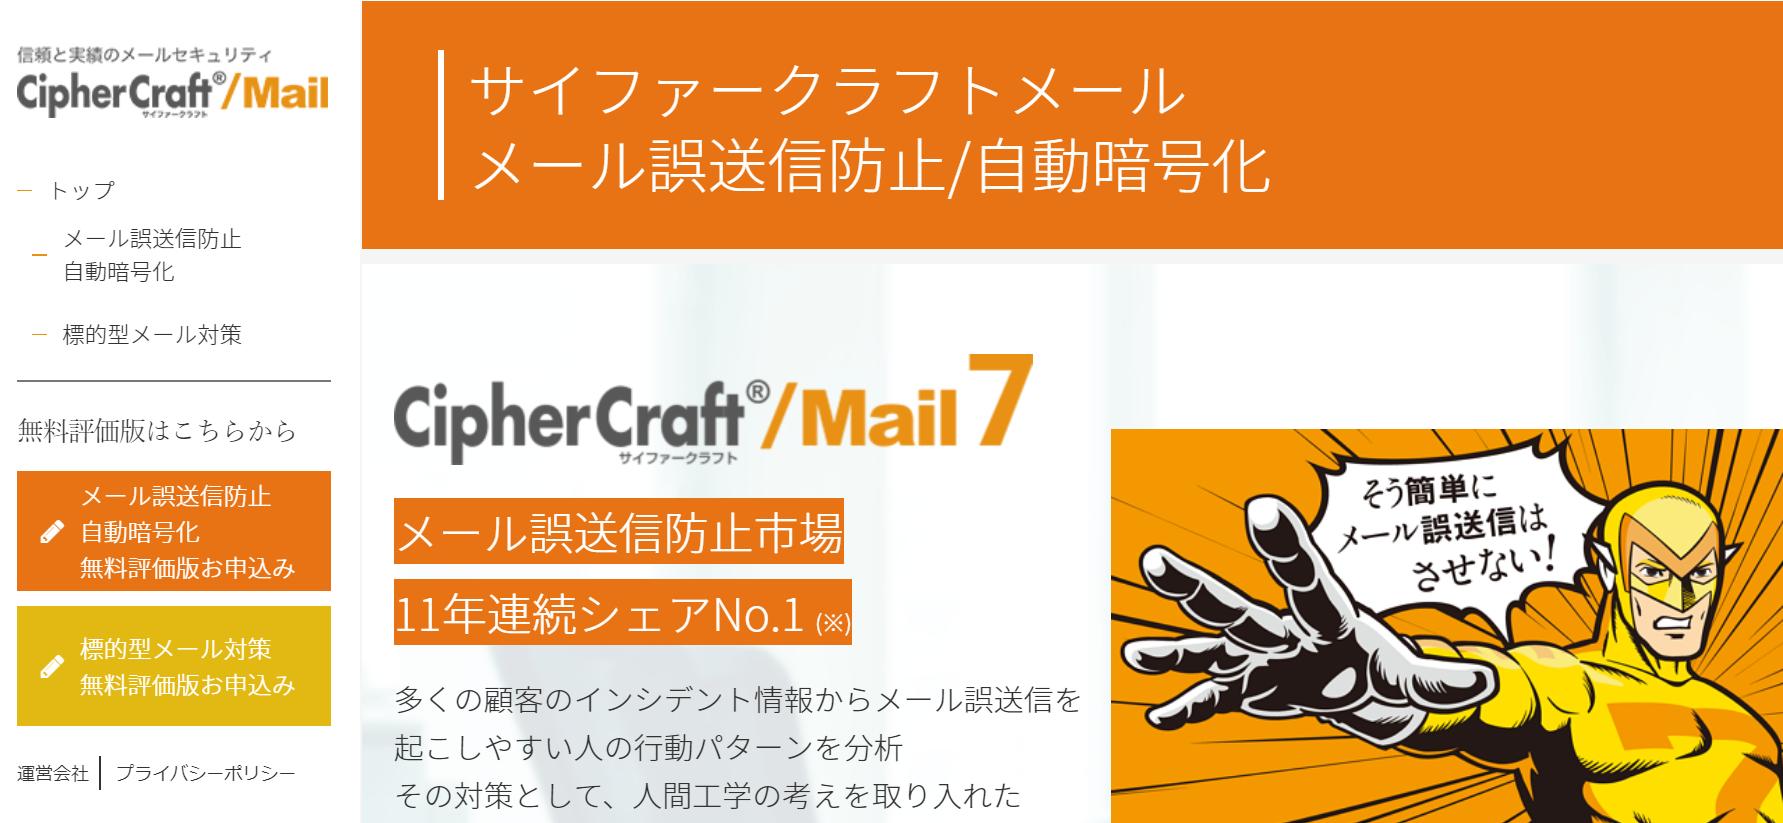 CipherCraft/Mail 7